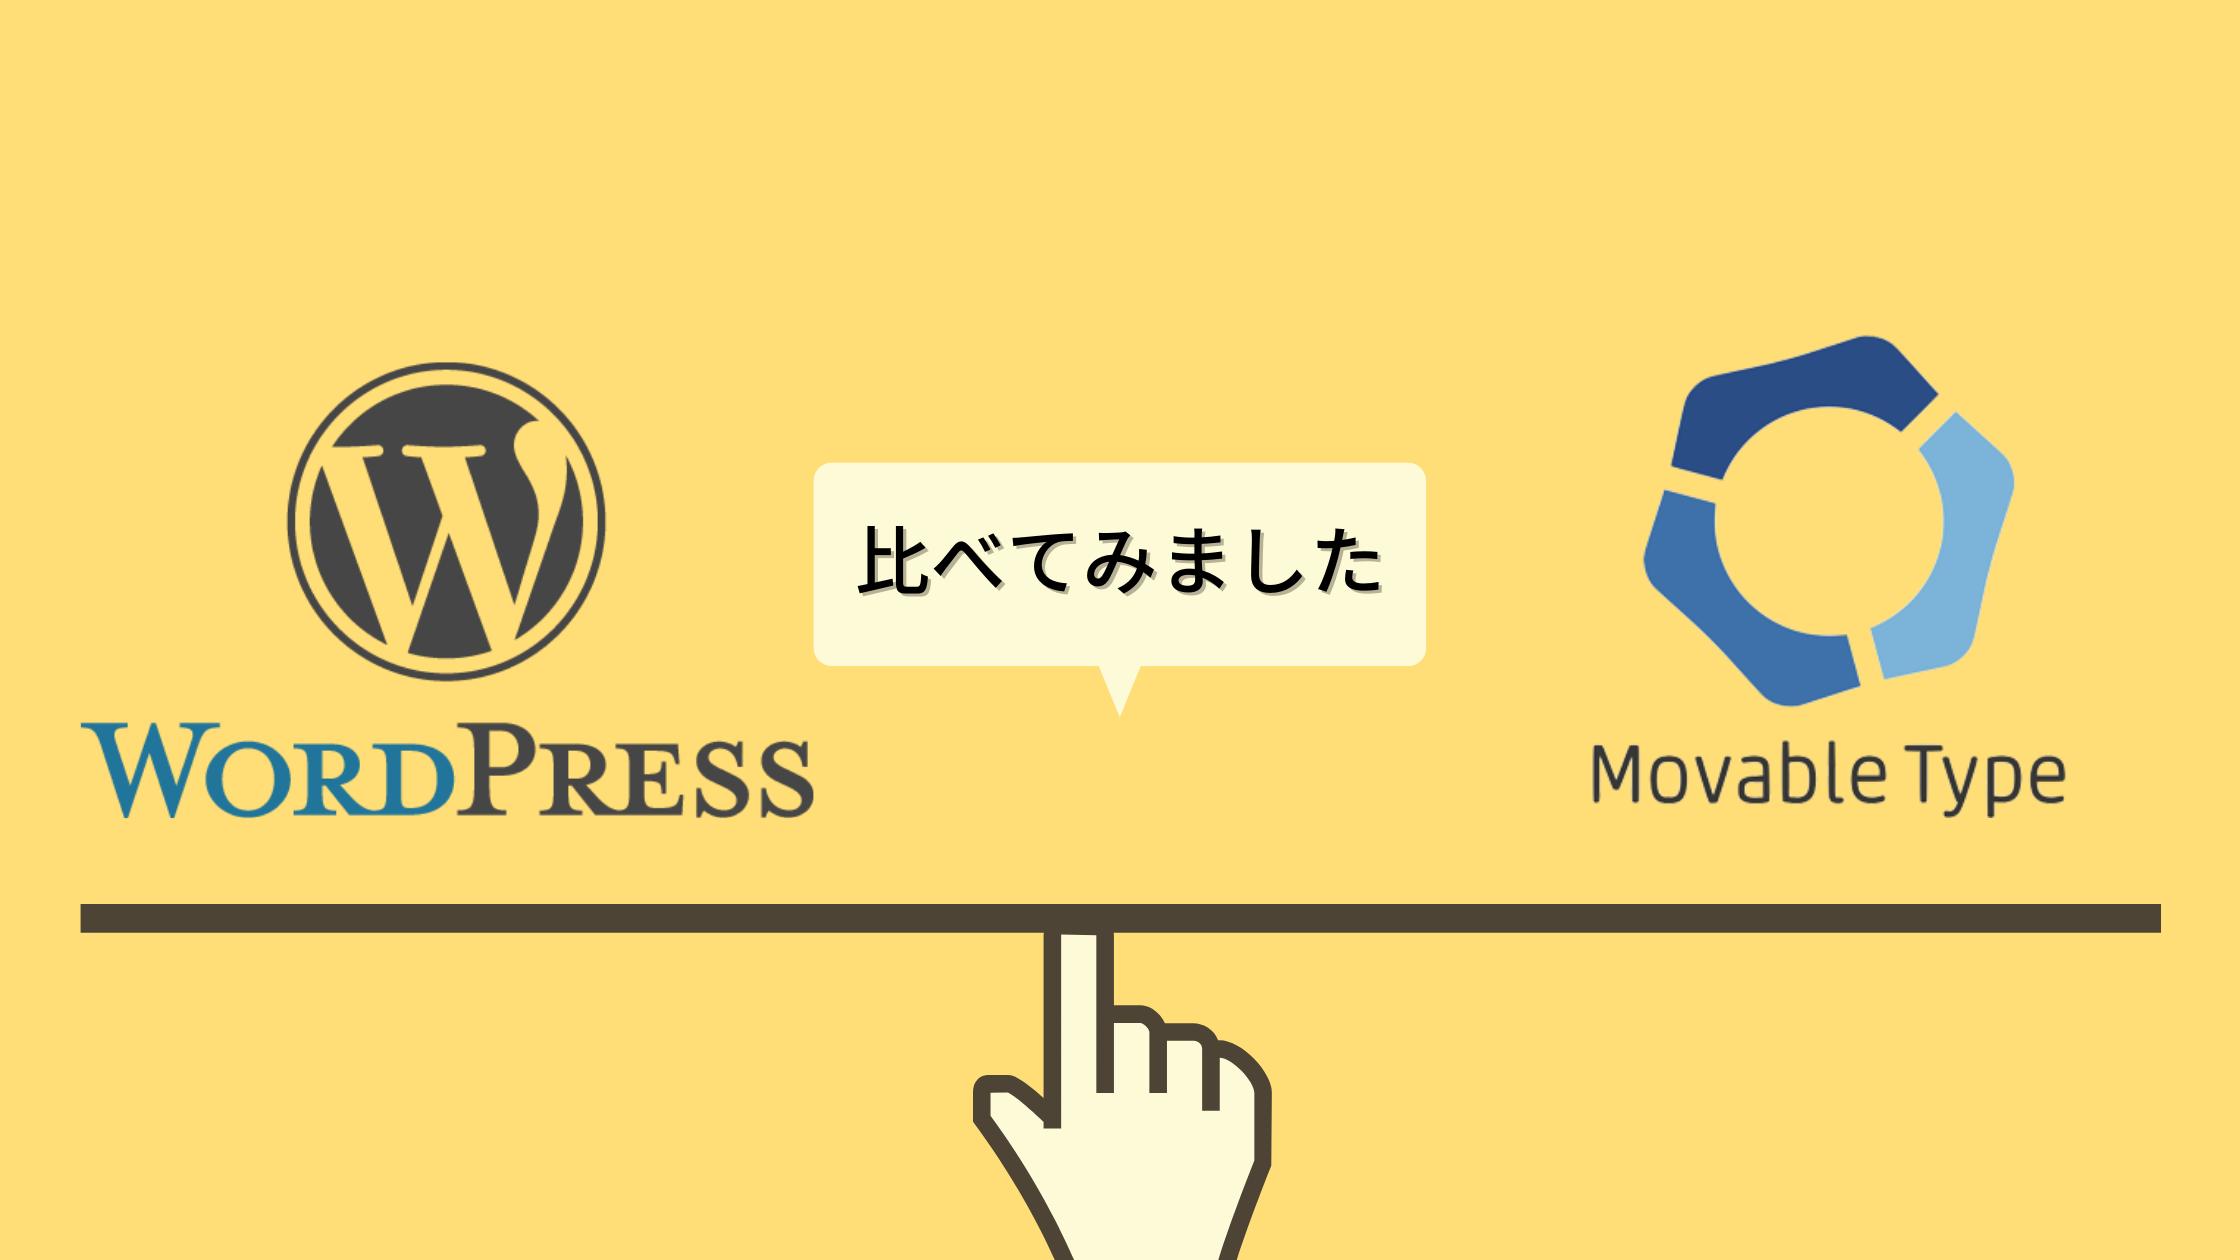 くらべてみました!WordPressとMovable Typeどっちがいい?